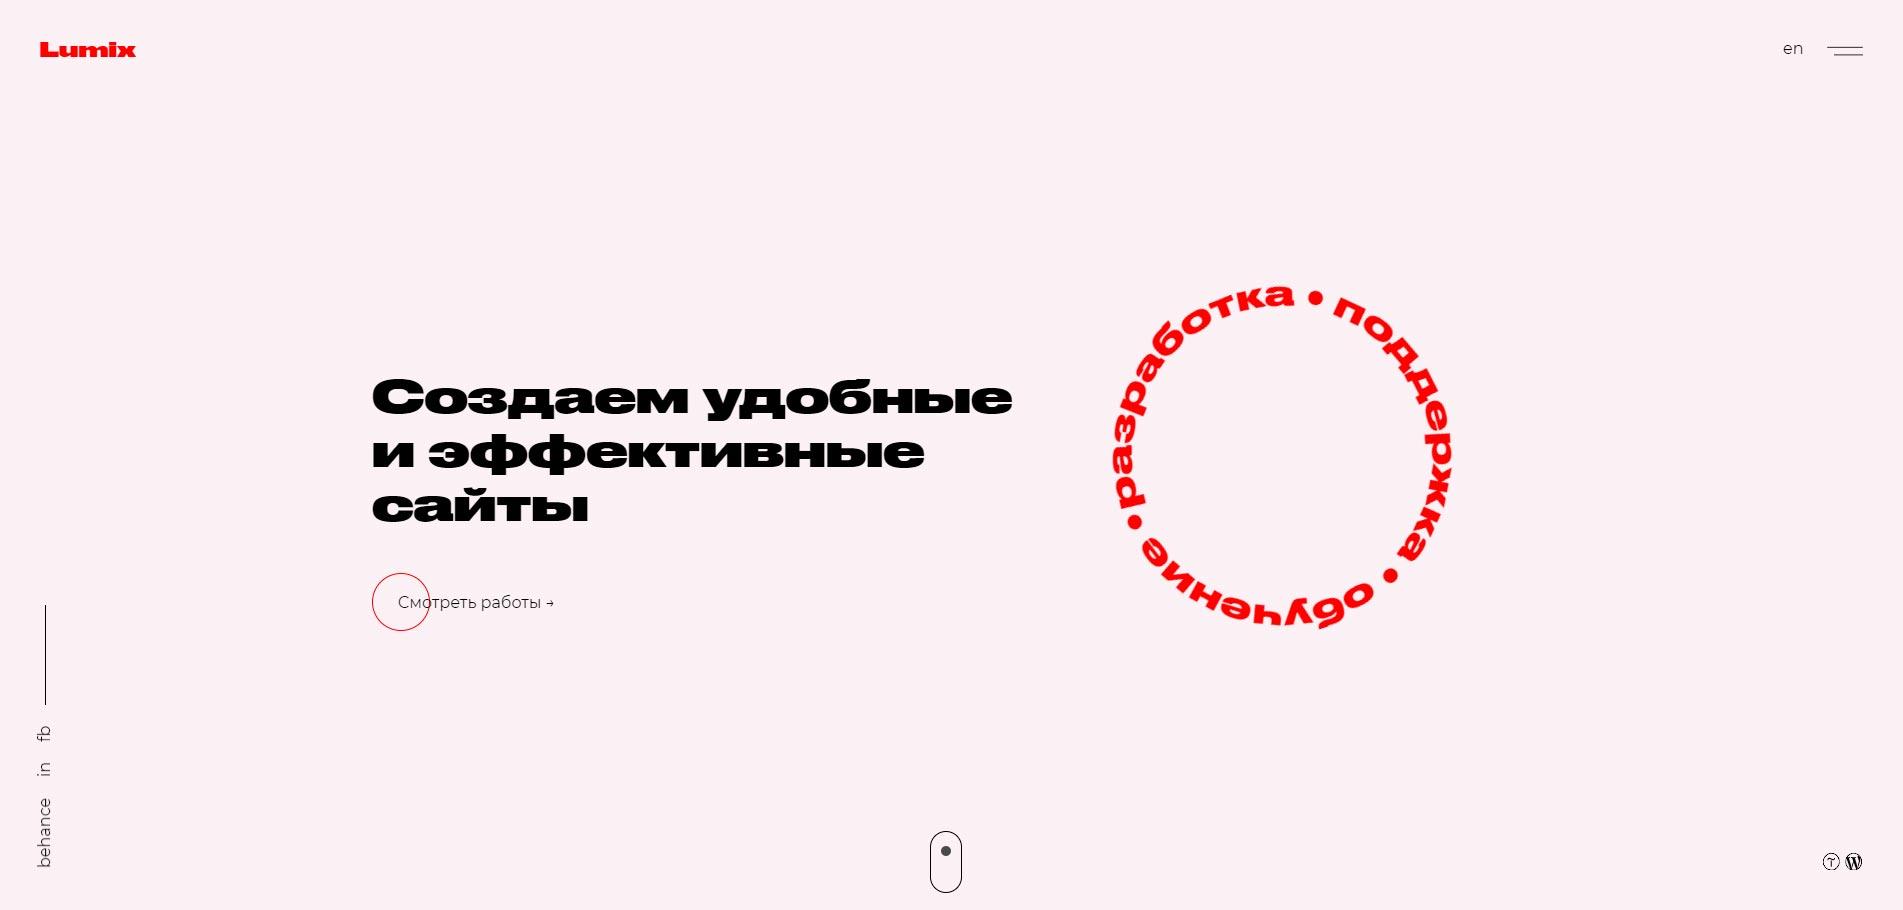 Lumix - обзор компании, услуги, отзывы, клиенты, Фото № 1 - google-seo.pro